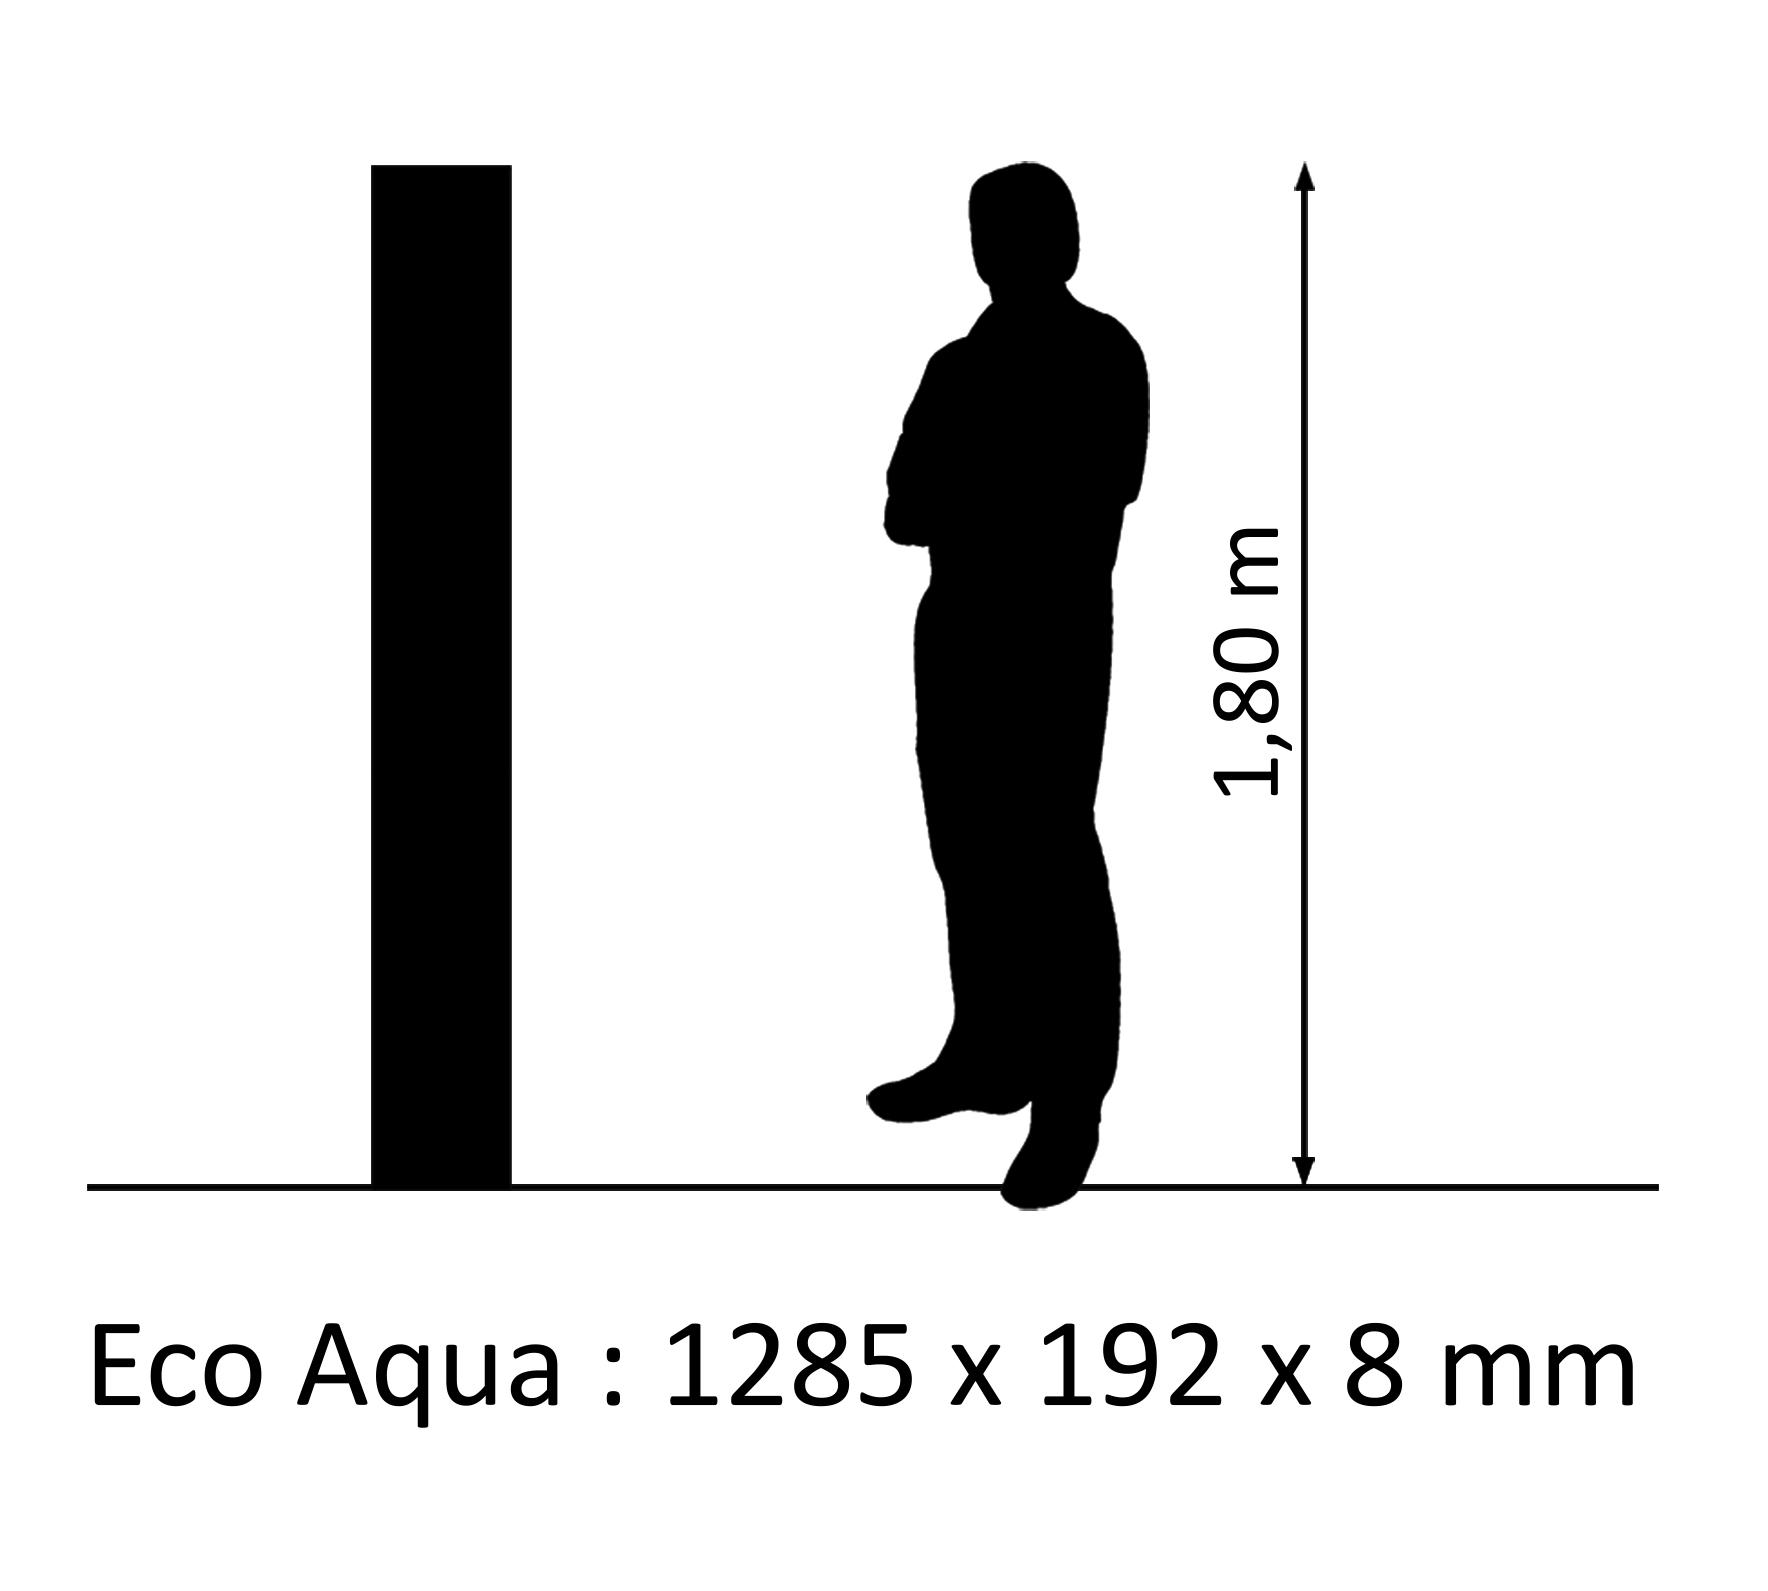 Wiparquet Eco Aqua Cooper Laminatboden